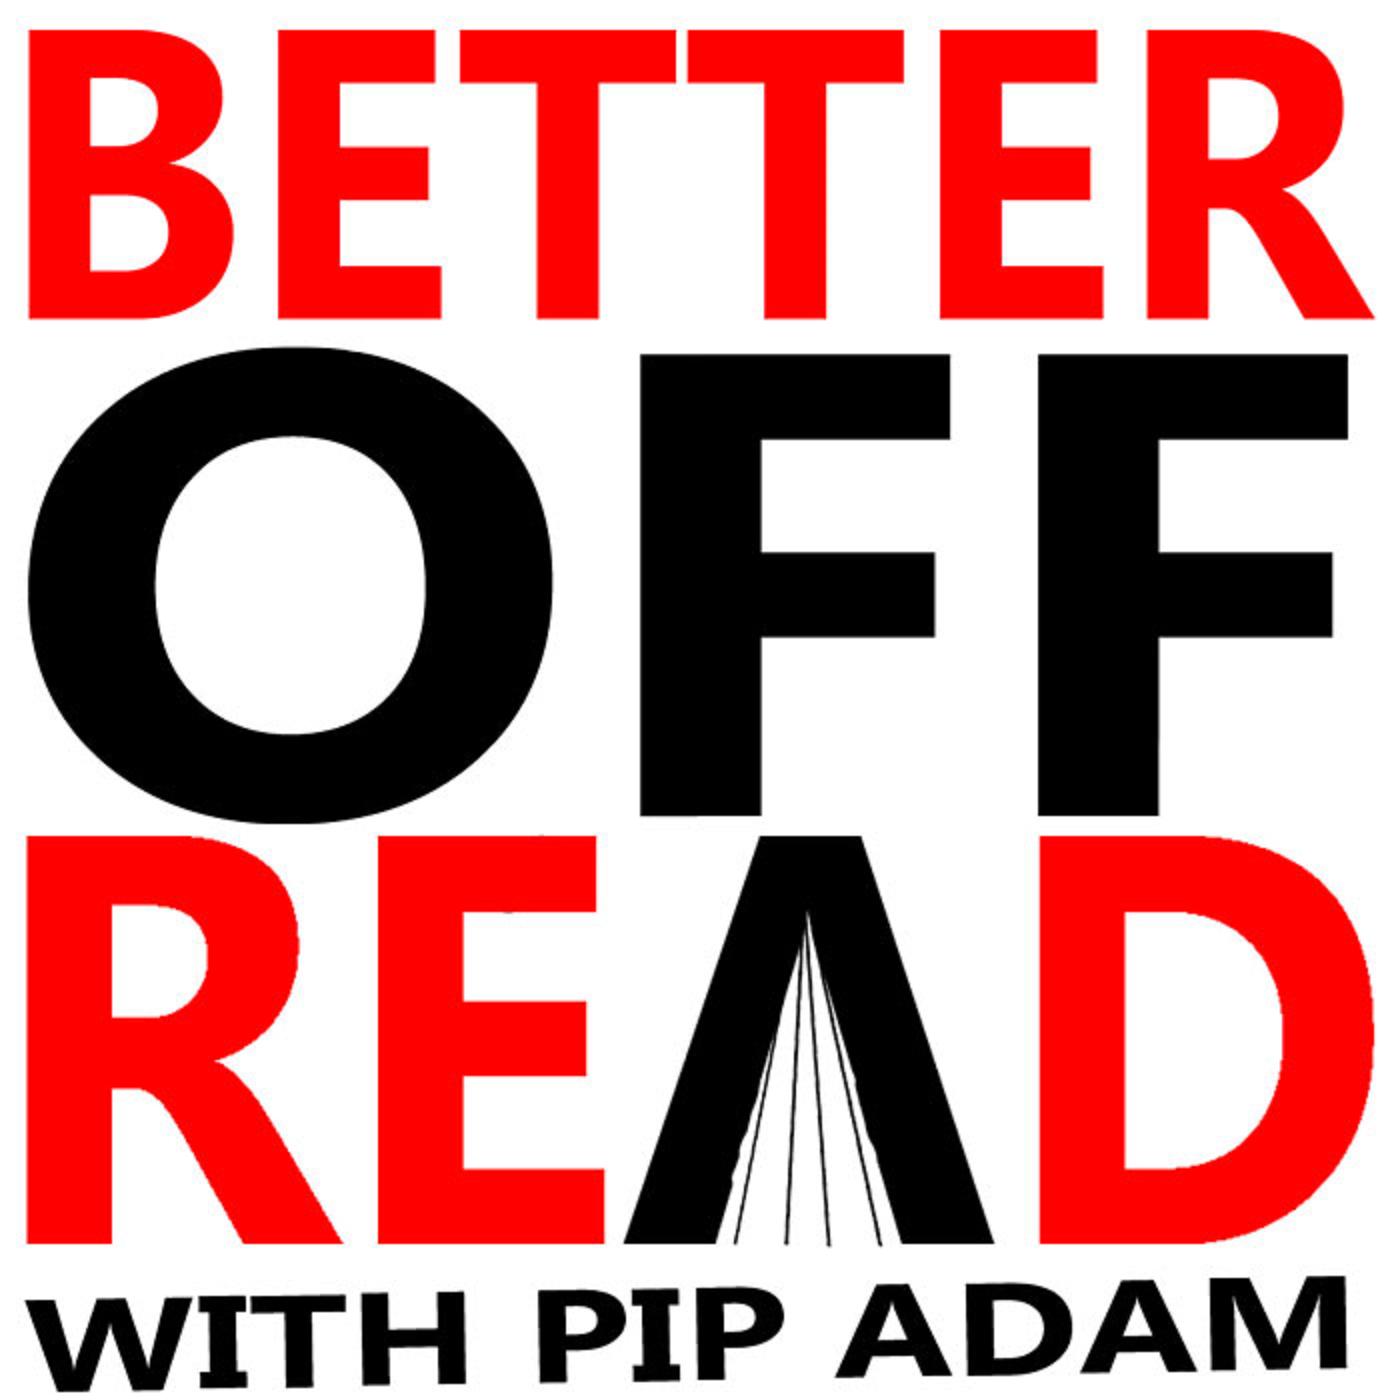 https://cdn.accessradio.org/StationFolder/war/Images/Better off Read21.png